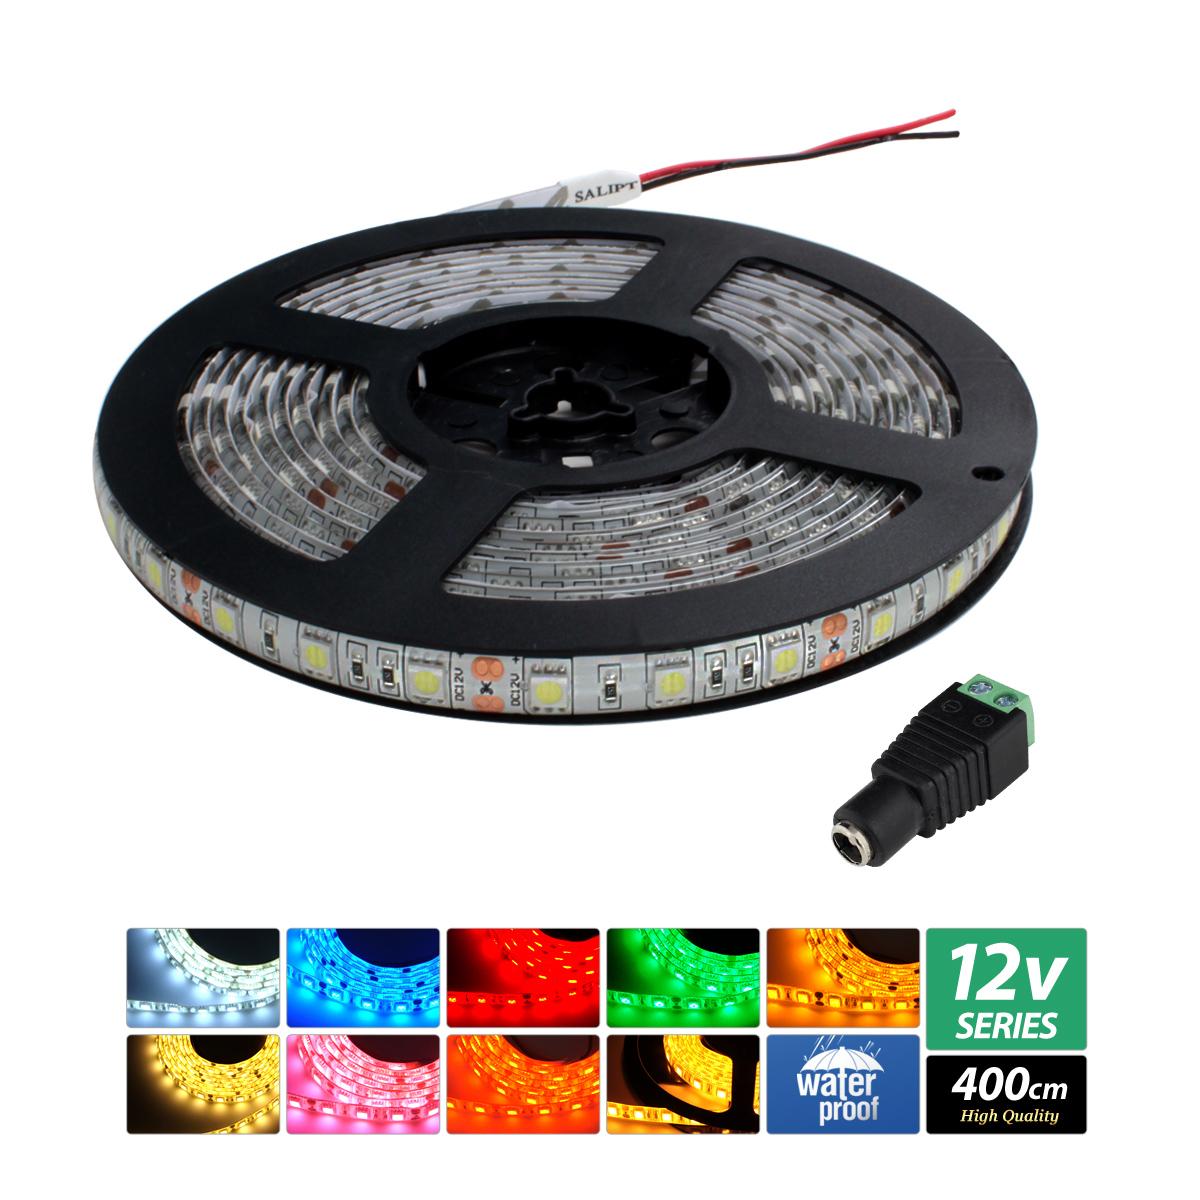 【ハイクオリティ】防水 LEDインテリアテープライト 3チップ 単体 (100V/12V兼用) 400cm